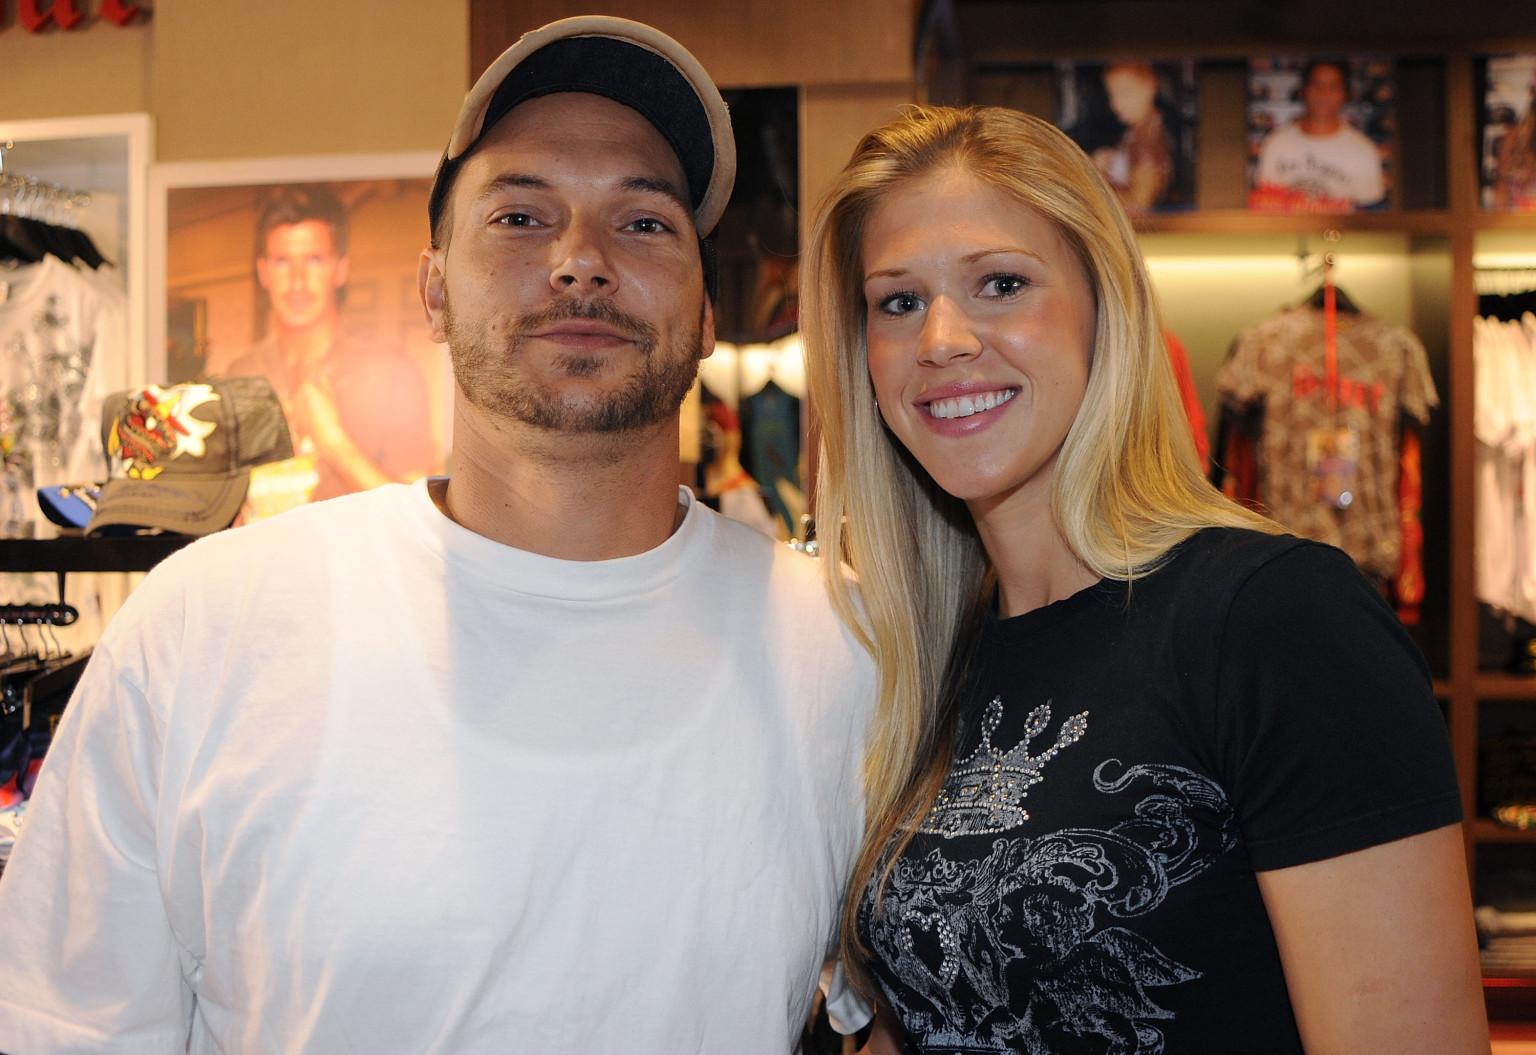 Kevin Federline Marries Longtime Girlfriend Victoria Prince In Las Vegas